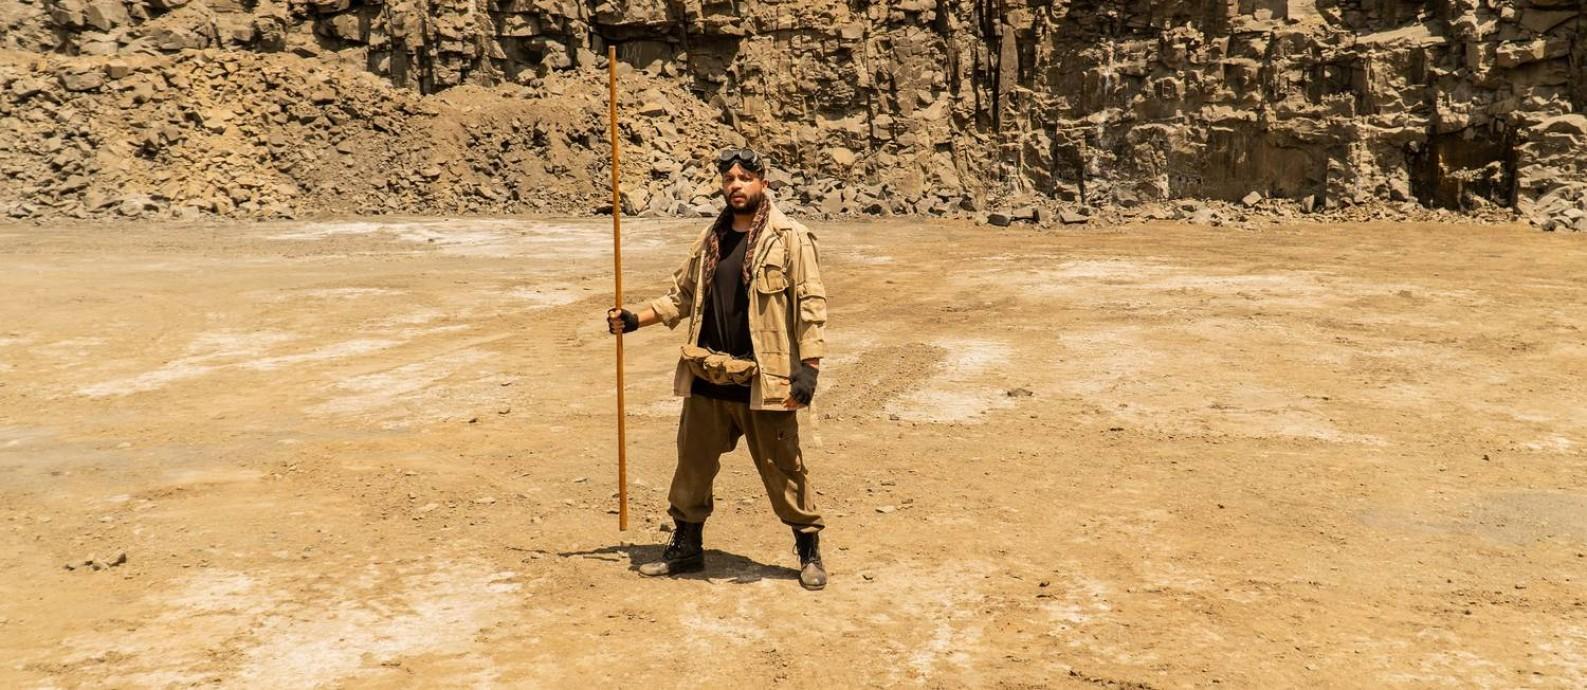 Projota no clipe de Salmo 23, rodado em uma pedreira Foto: Divulgação